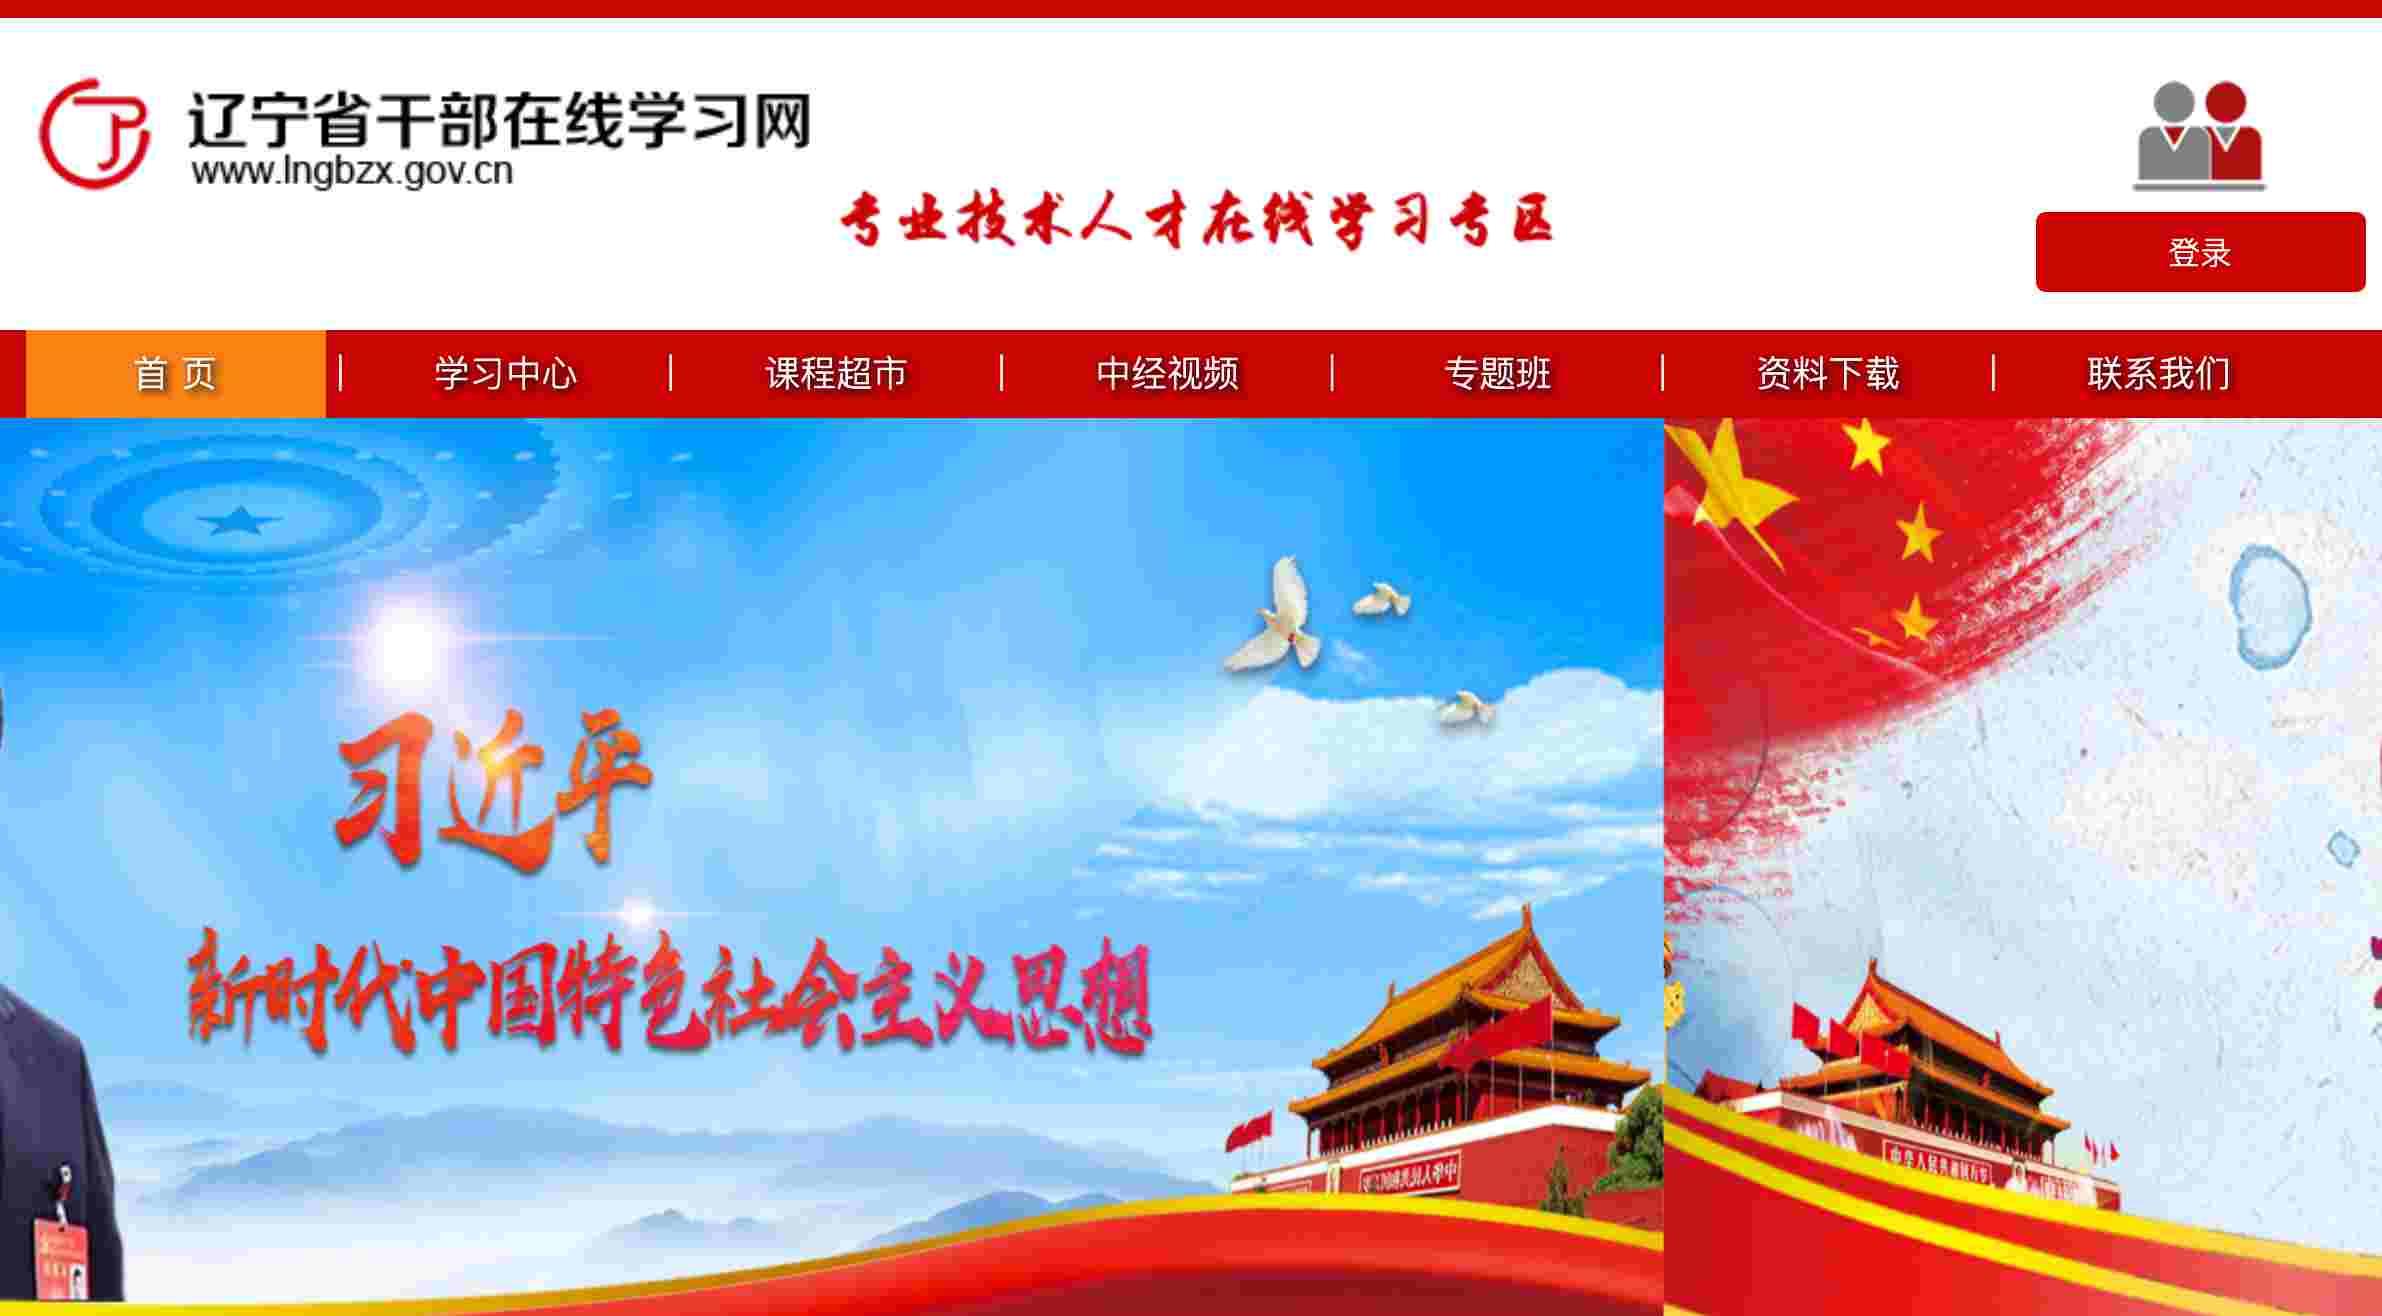 辽宁省干部在线学习网 专业技术人才在线学习专区